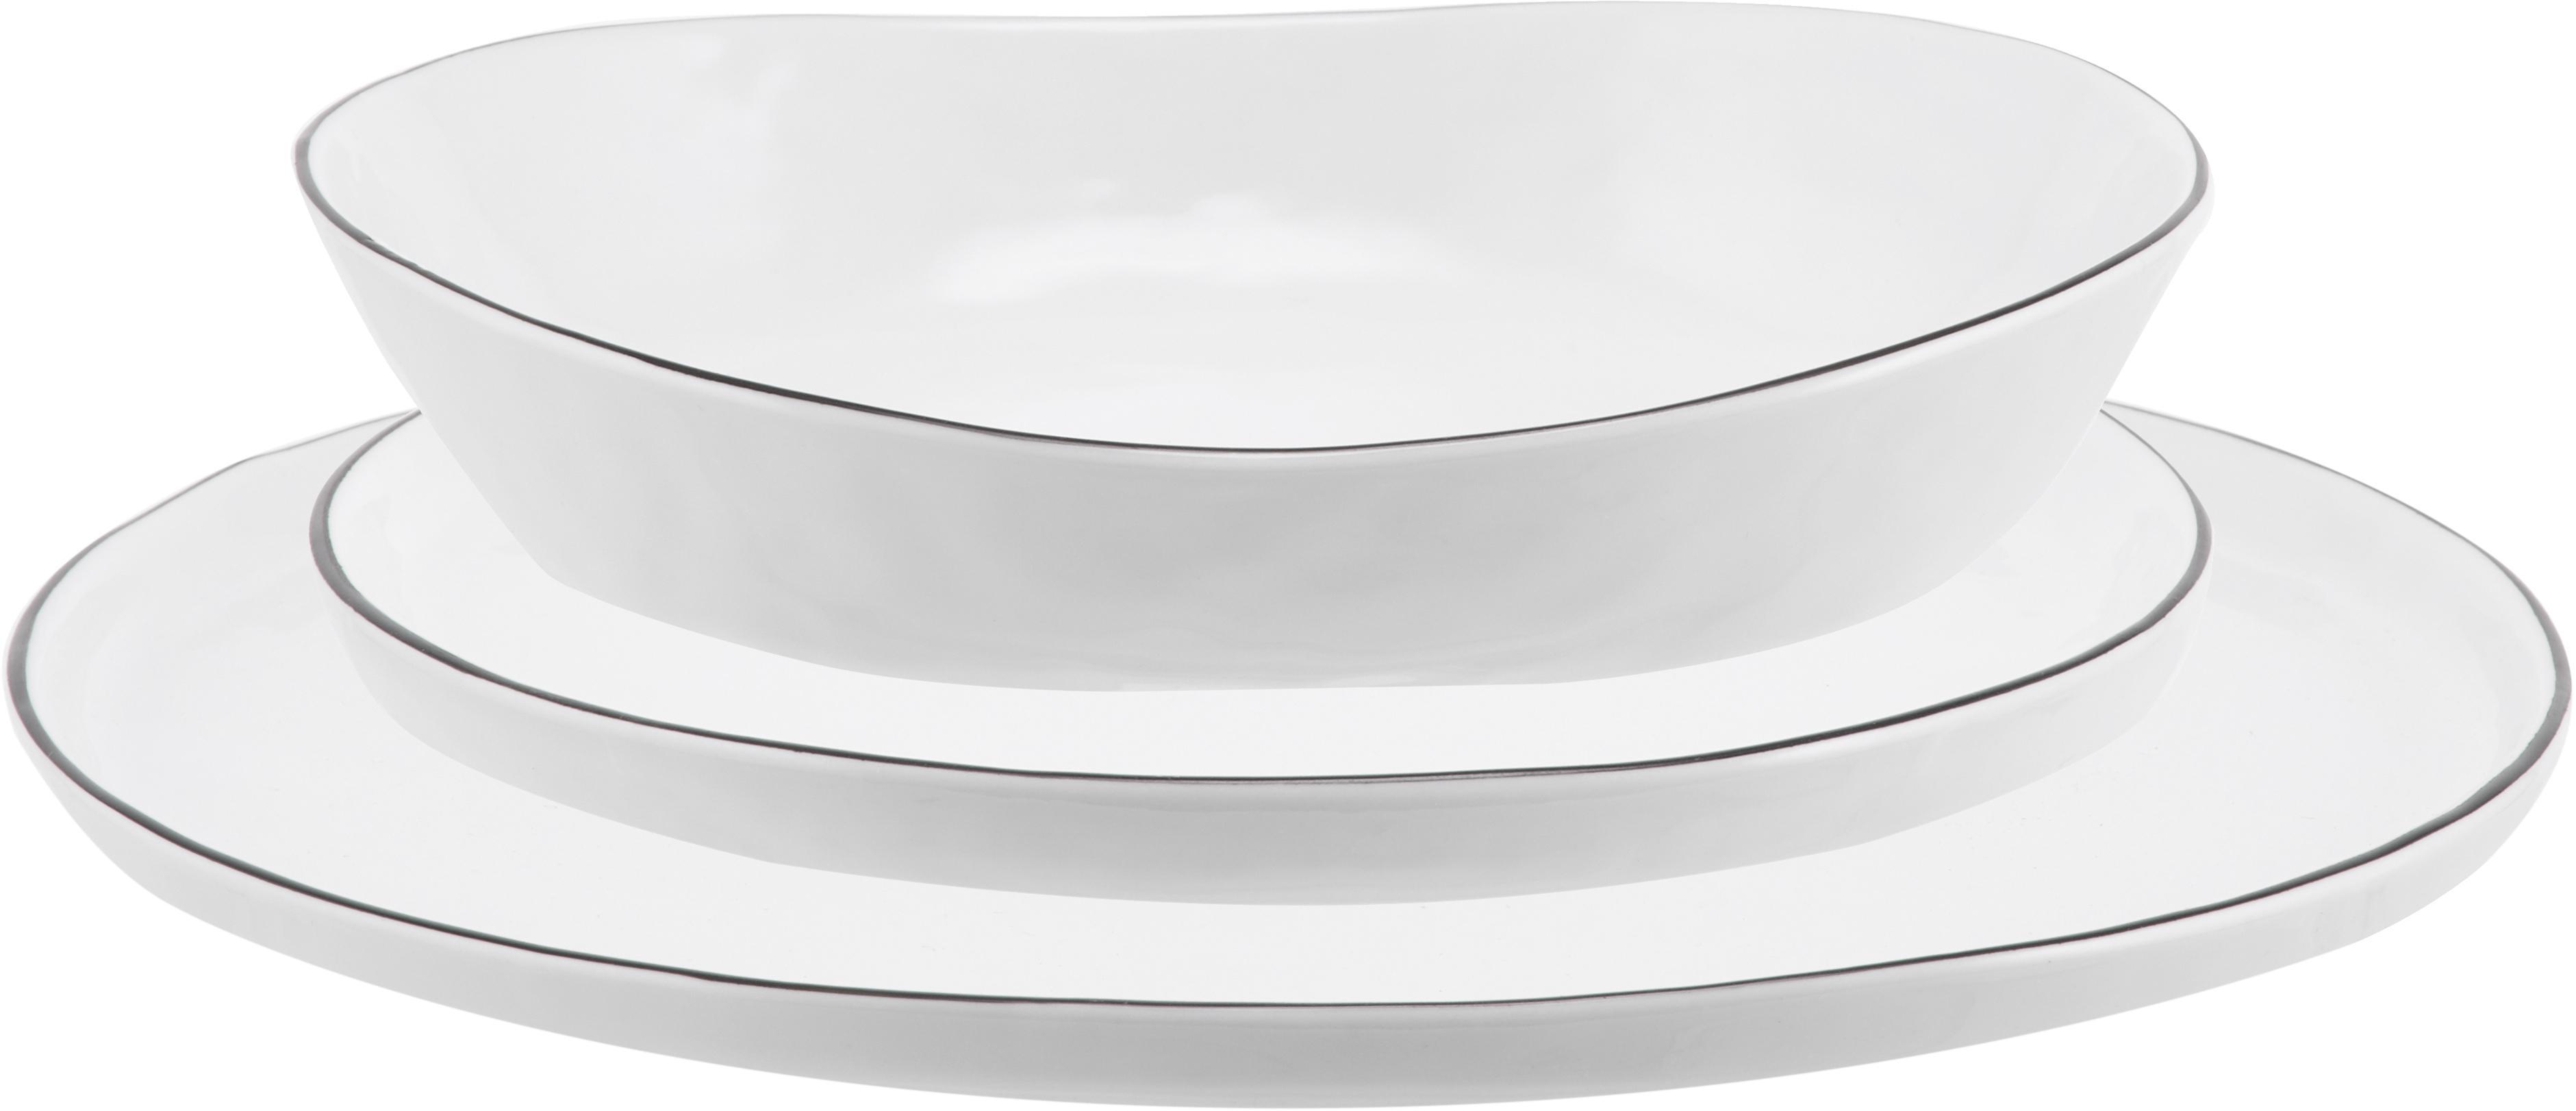 Handgemachtes Geschirr-Set Salt mit schwarzem Rand, 4 Personen (12-tlg.), Porzellan, Gebrochenes Weiss, Schwarz, Verschiedene Grössen